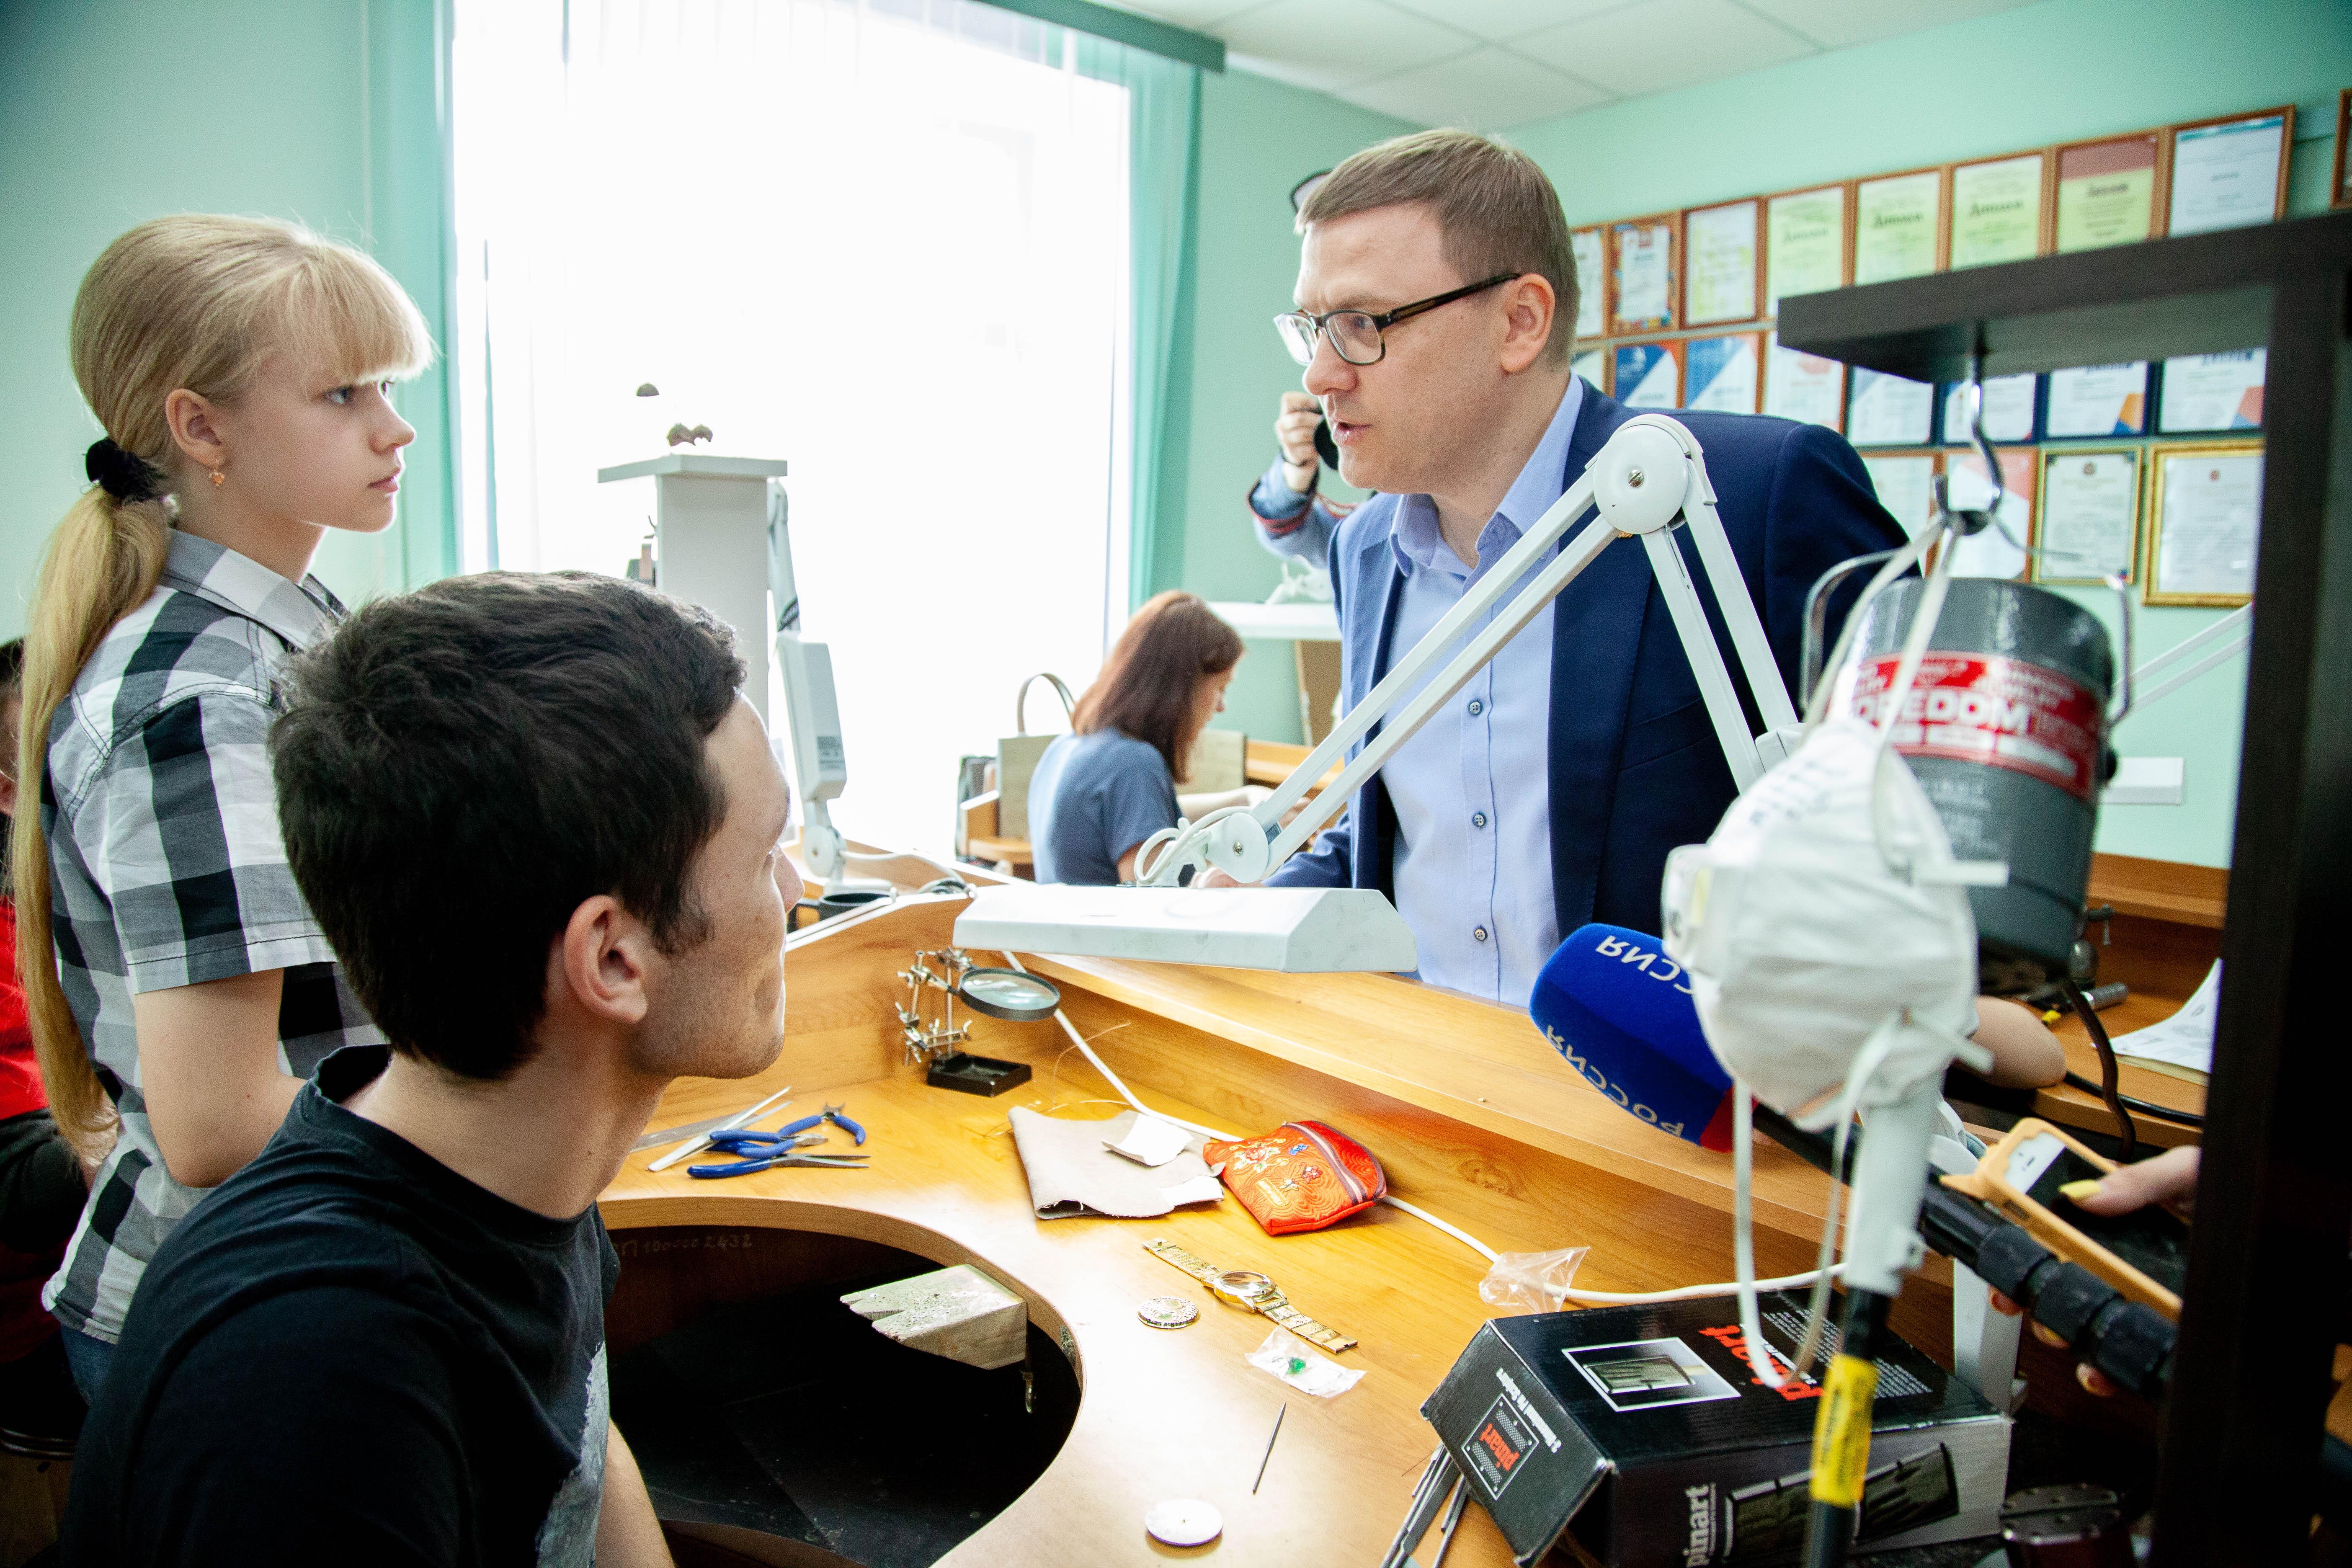 Сегодня, 4 июня, в Челябинской области стартовал V Региональный чемпионат профессионального масте